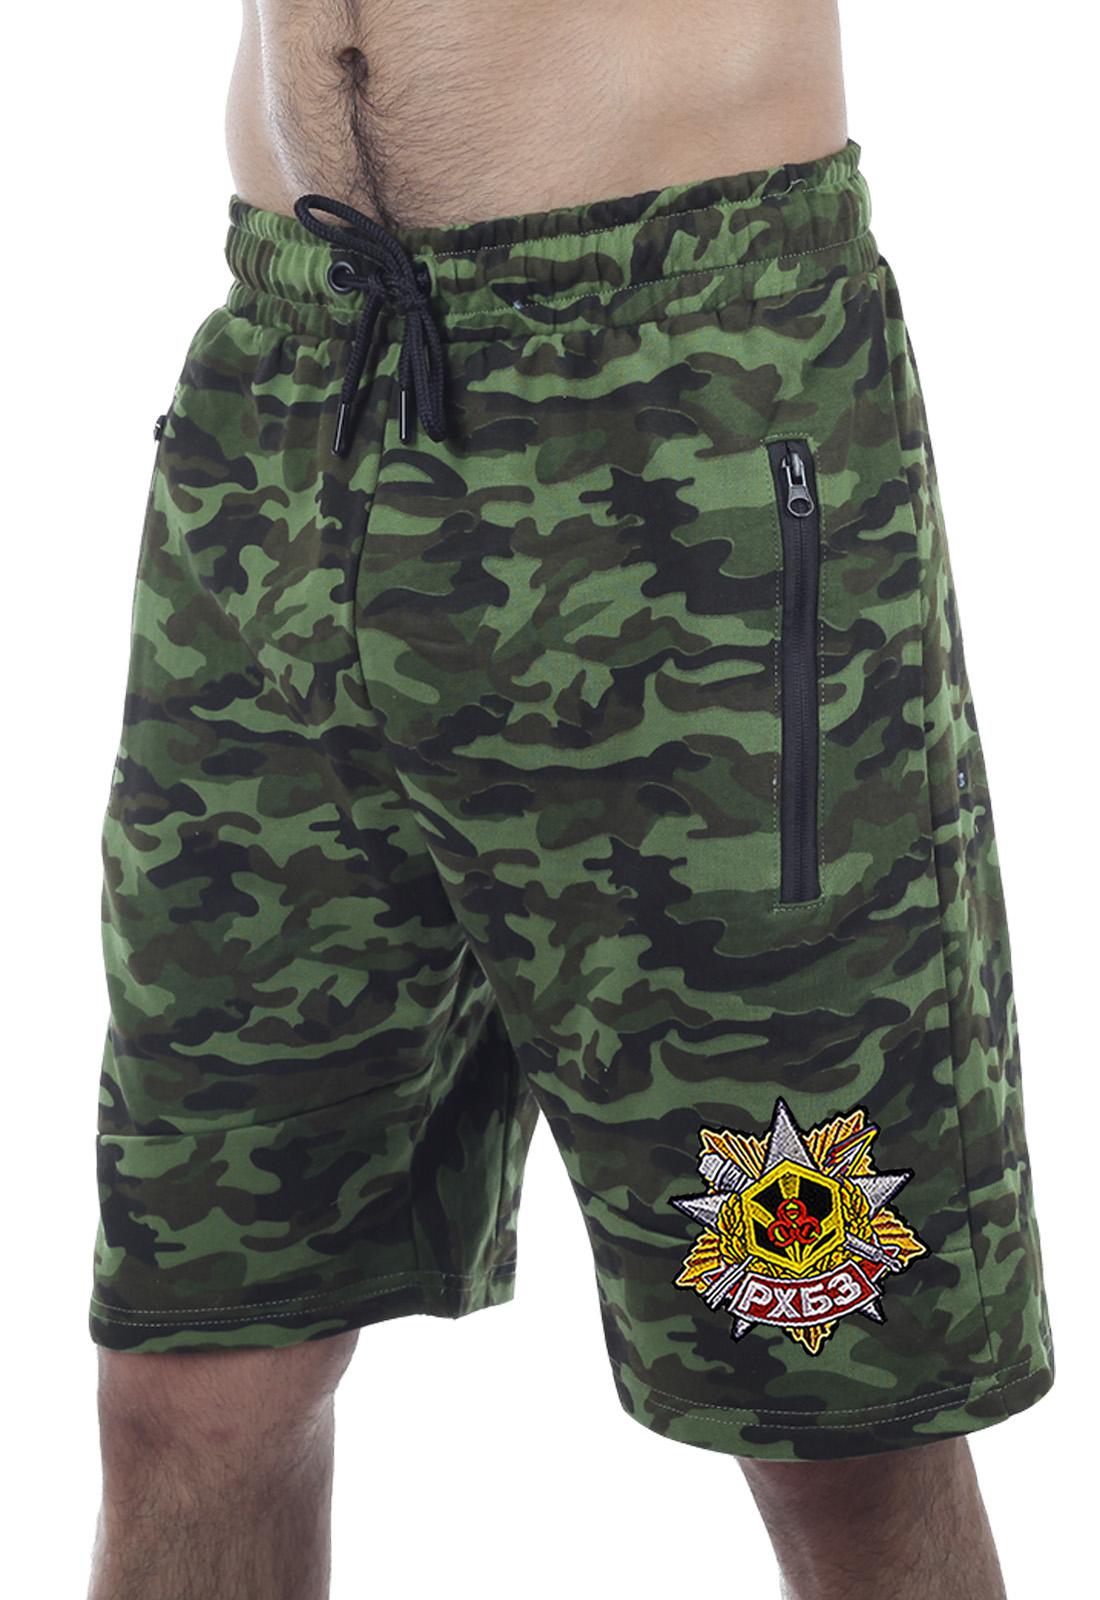 Купить трикотажные милитари шорты с карманами и нашивкой РХБЗ с доставкой в любой город